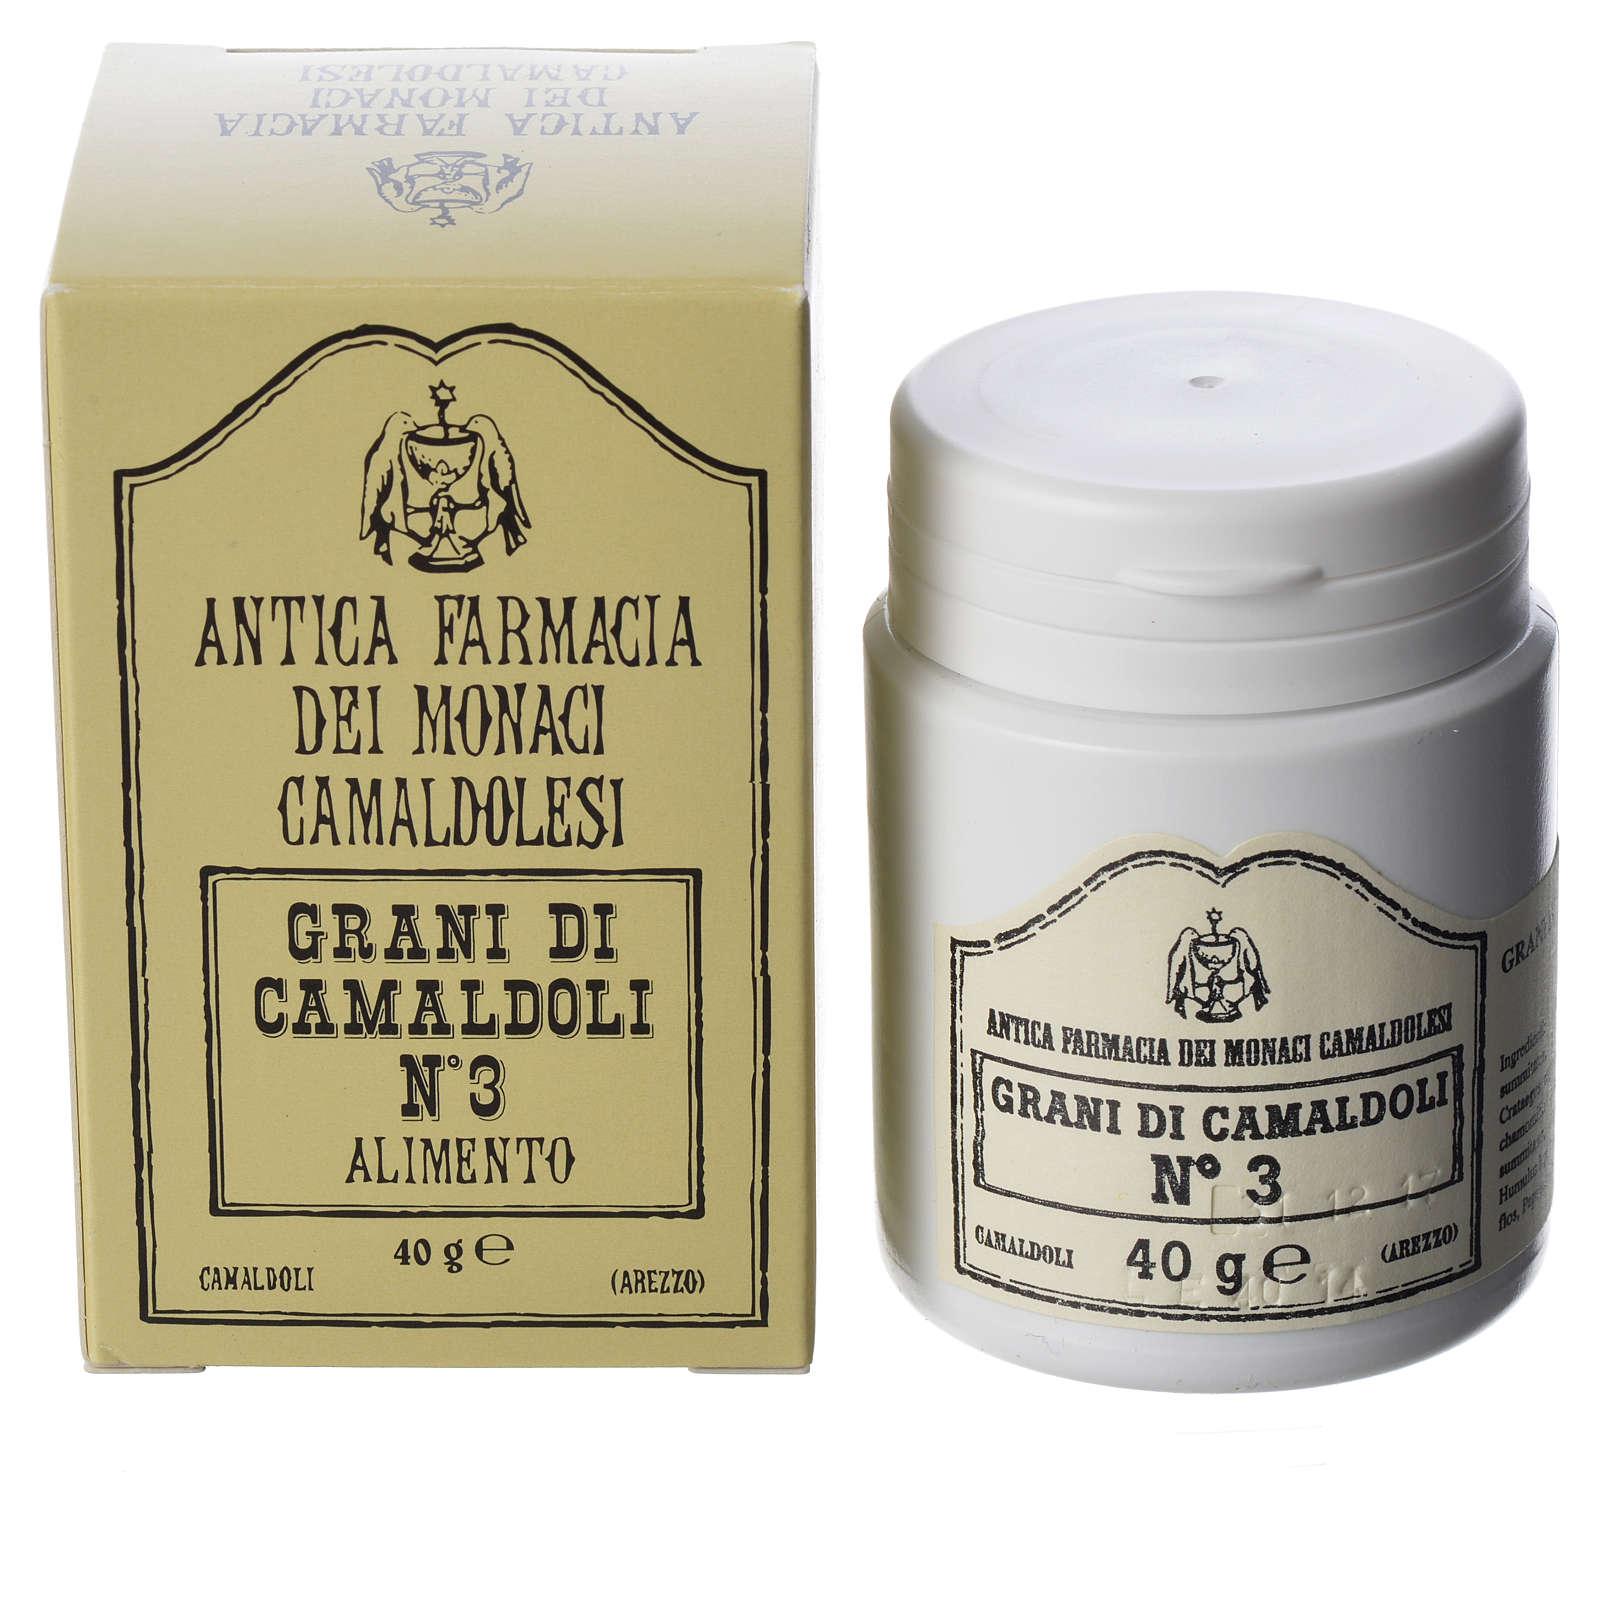 Grains of Camaldoli n.3 relaxing 3